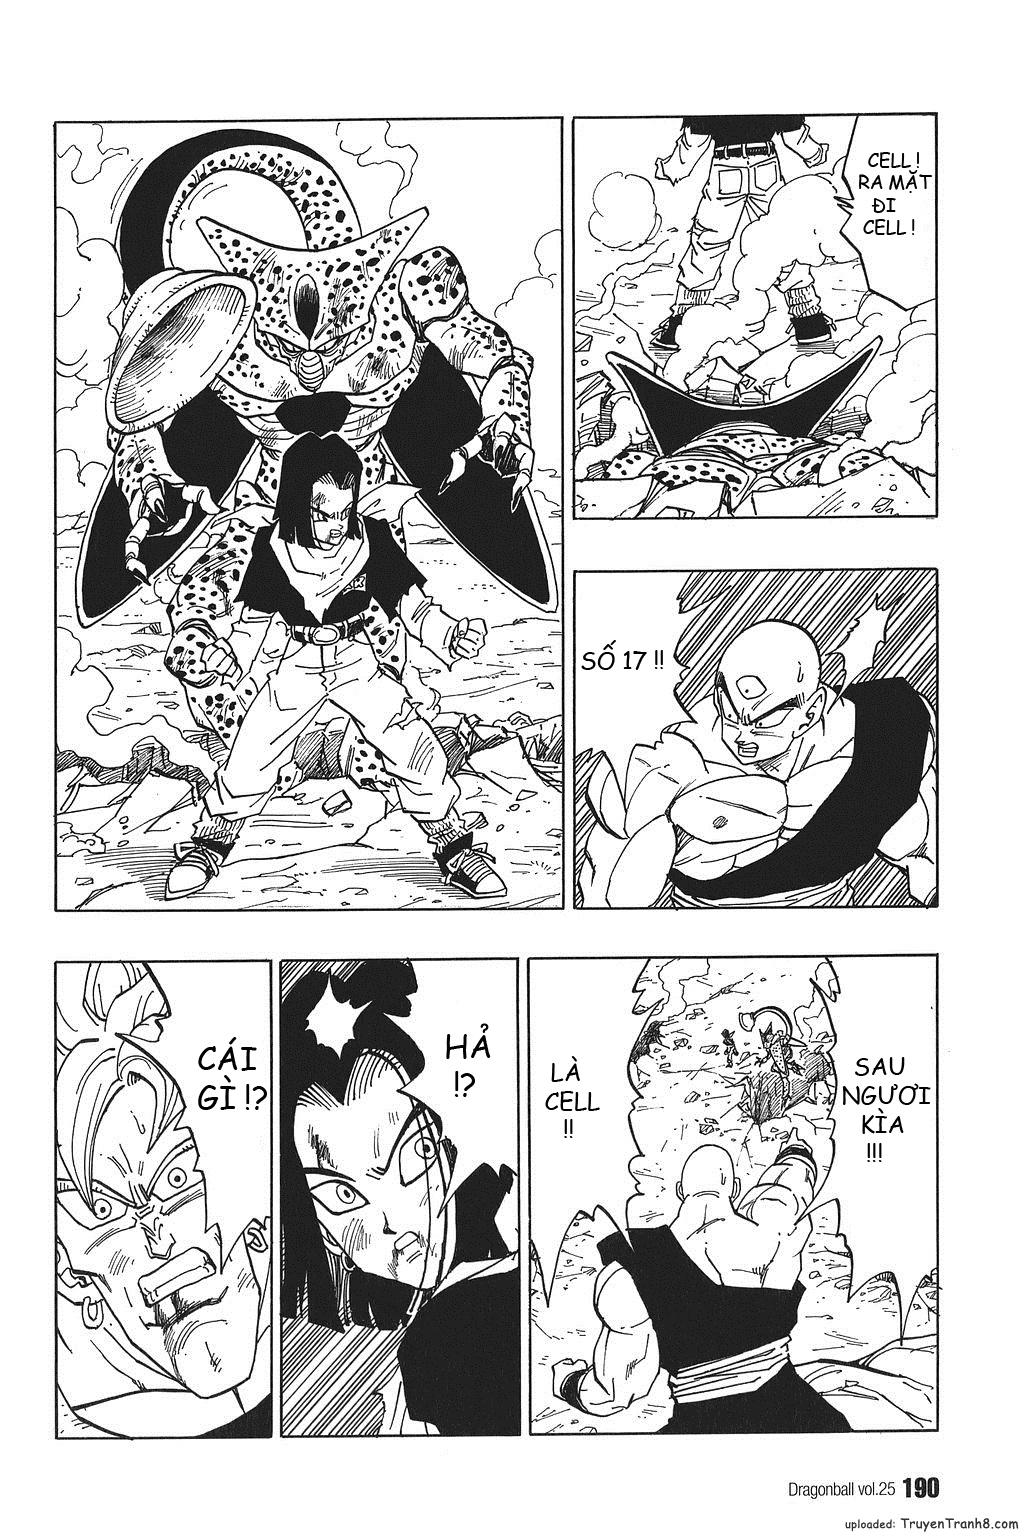 xem truyen moi - Dragon Ball Bản Vip - Bản Đẹp Nguyên Gốc Chap 372